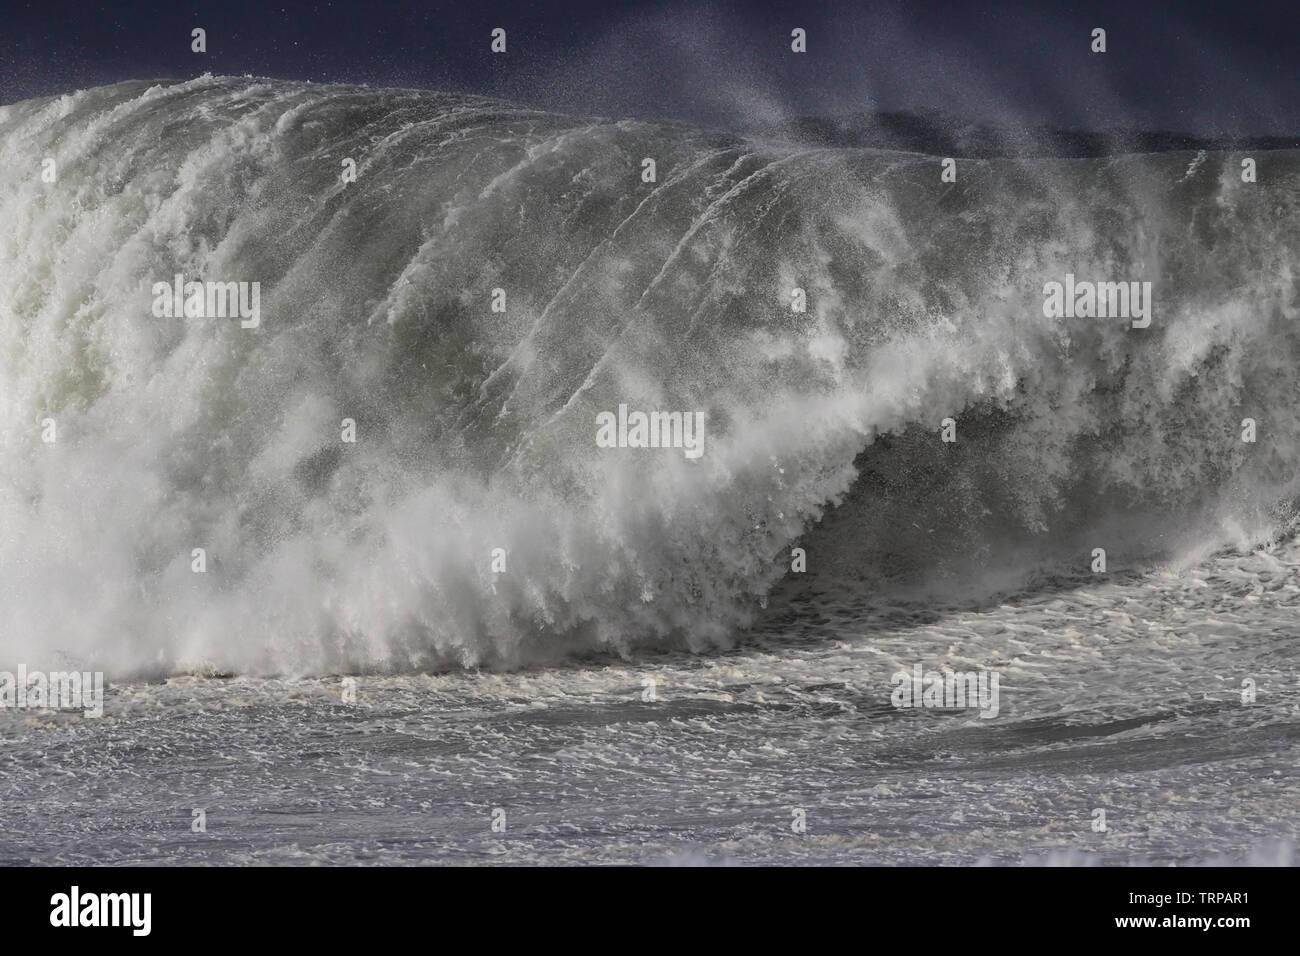 Detaillierte stürmischen brechen sea wave Stockbild